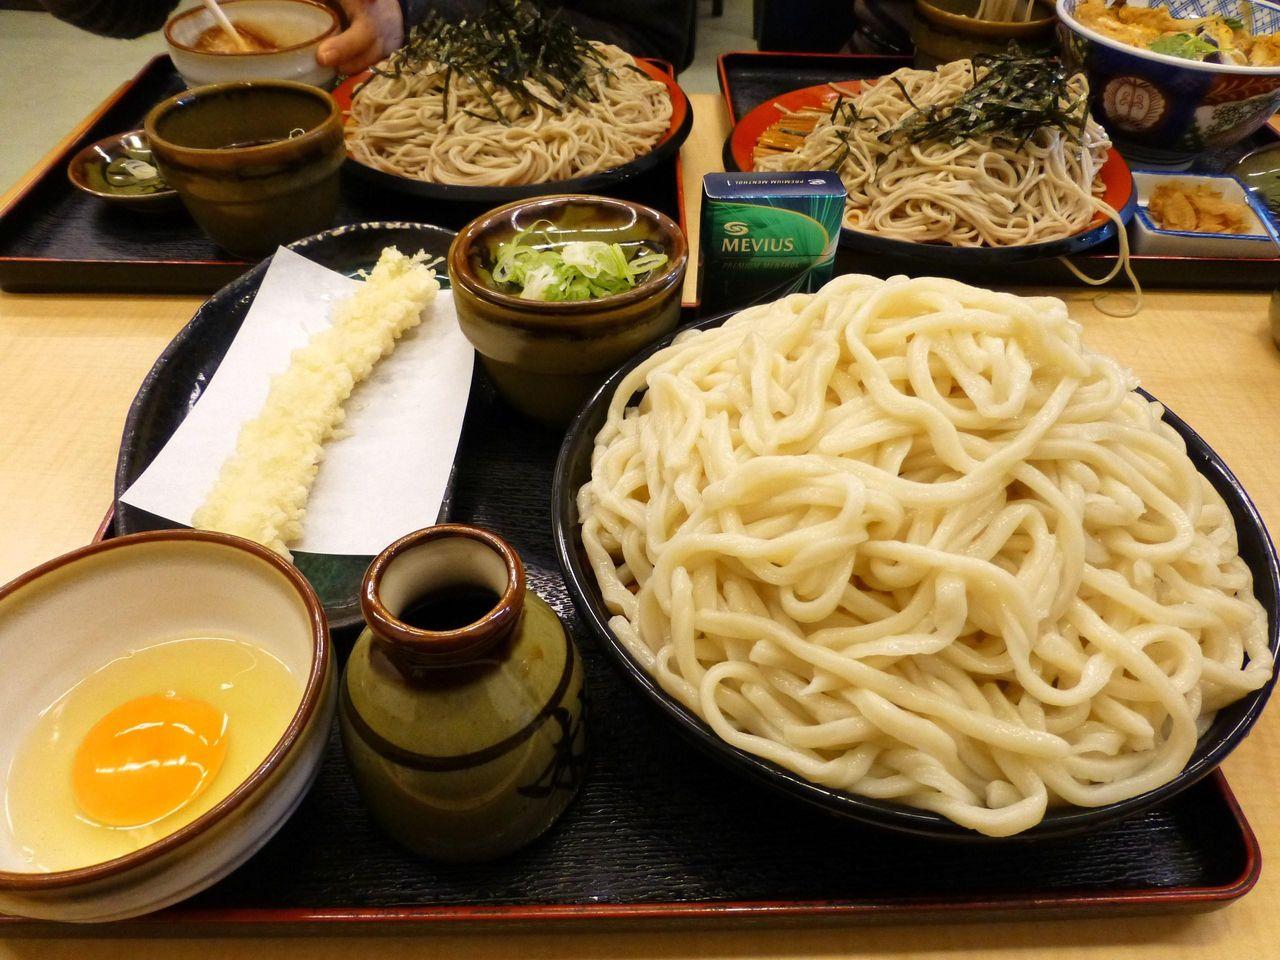 うどん富士山盛り500円+生卵50円+いか天ぷら100円